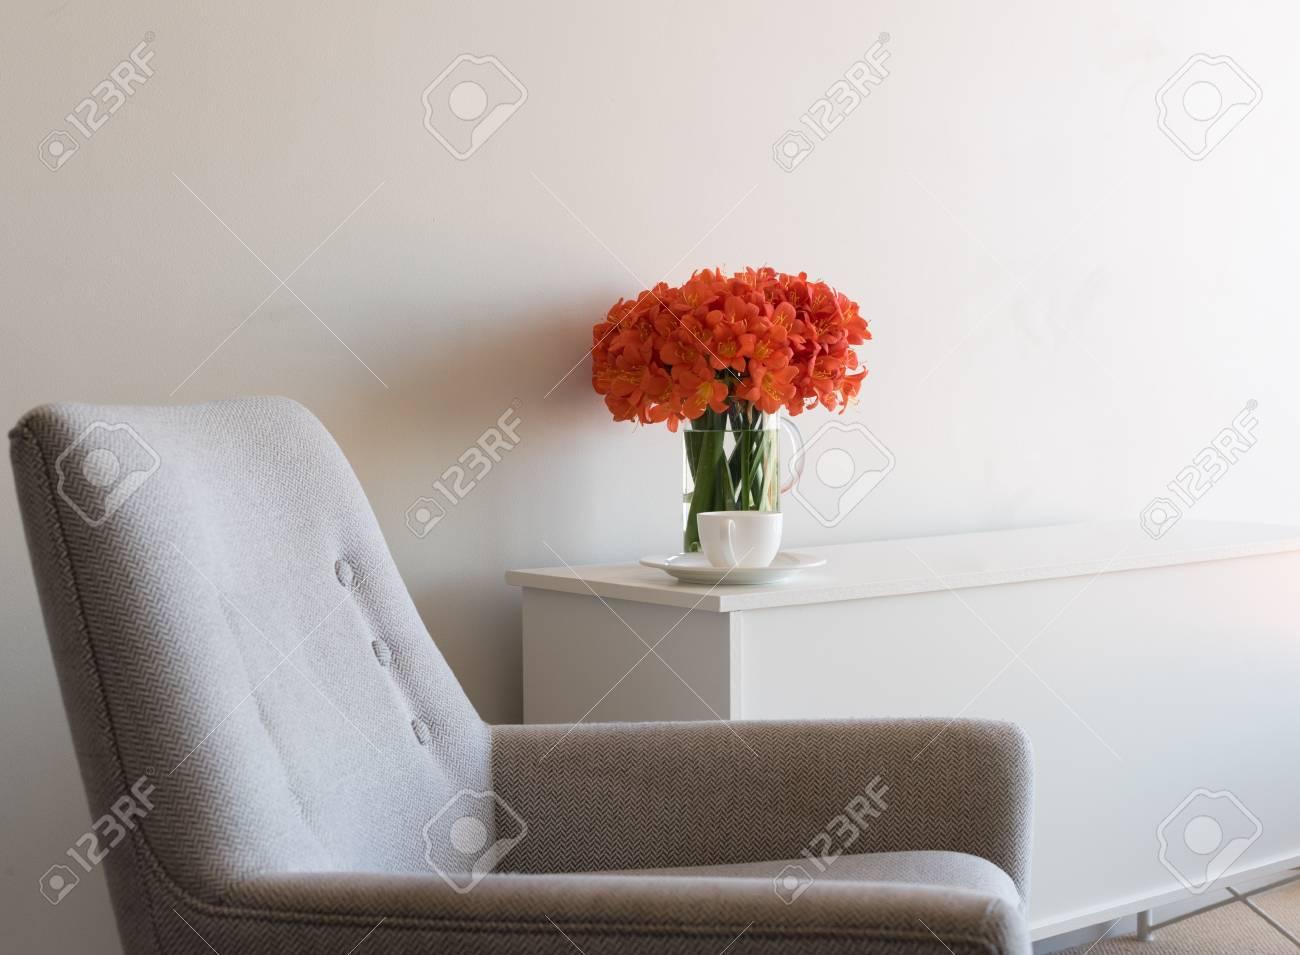 Credenza Con Tazze : Poltrona retrò con credenza bianca tazza da tè e fiori clivia